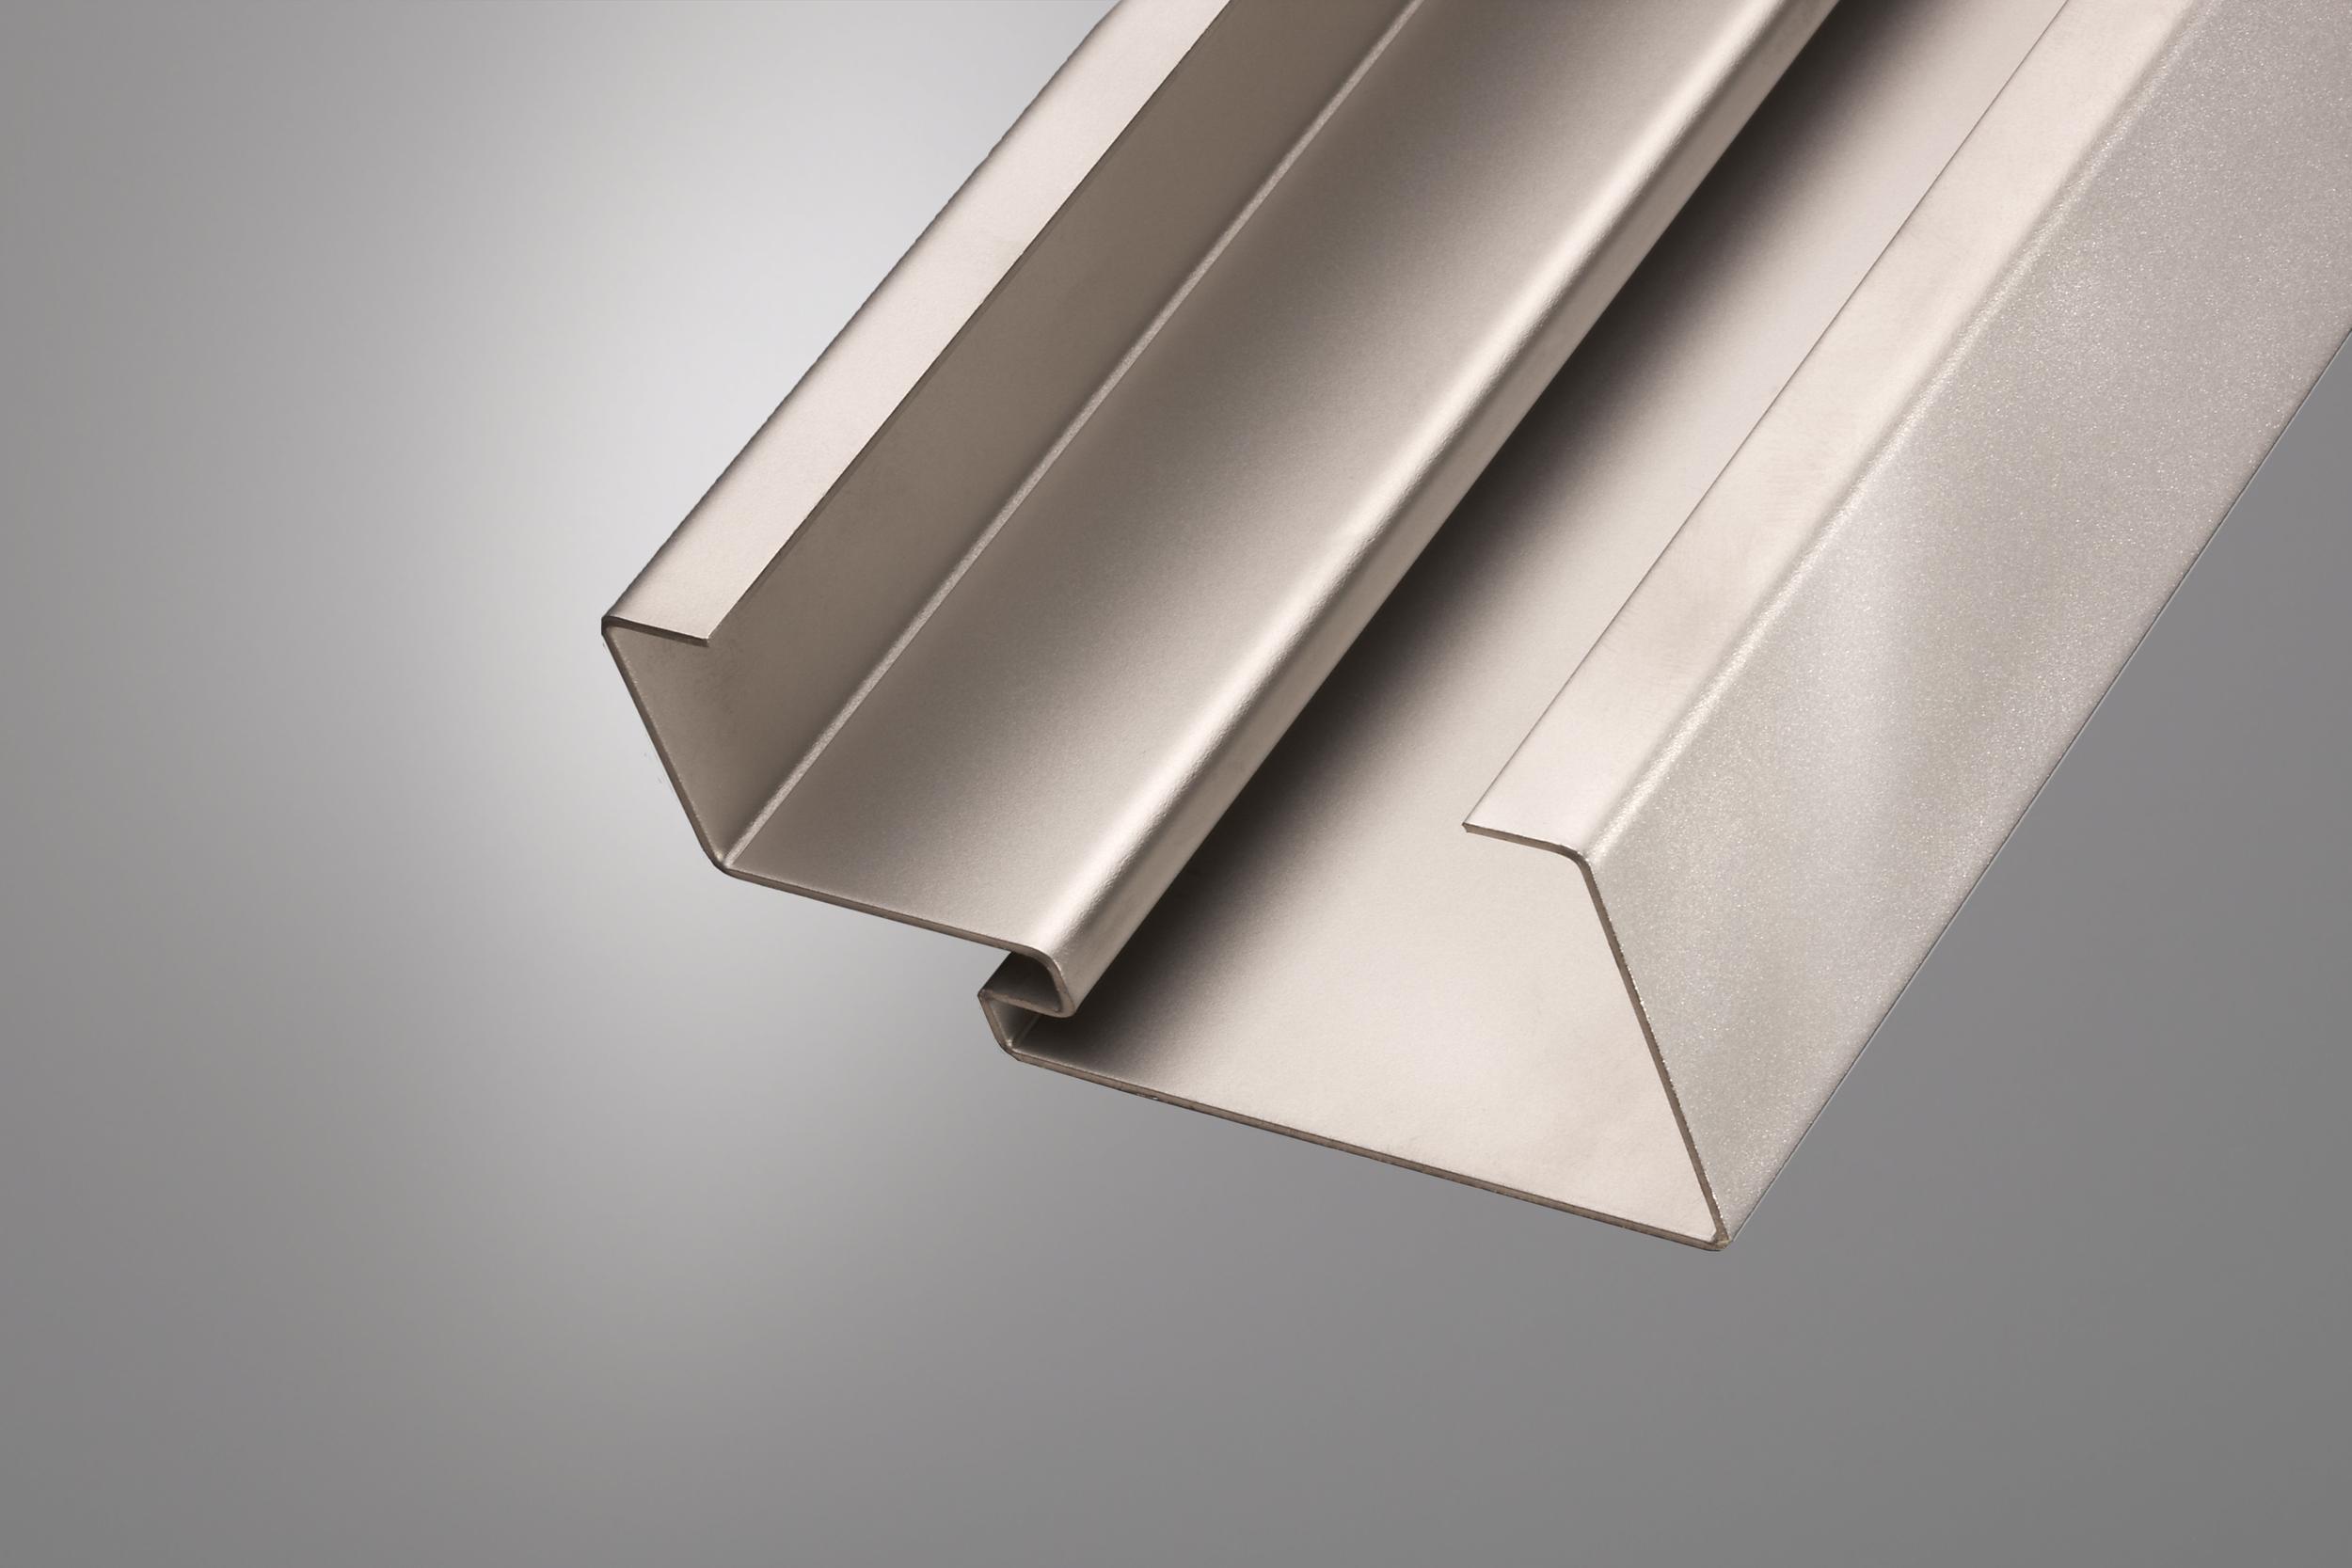 productfoto van stalen deurkozijn gemaakt op een WEMO productielijn